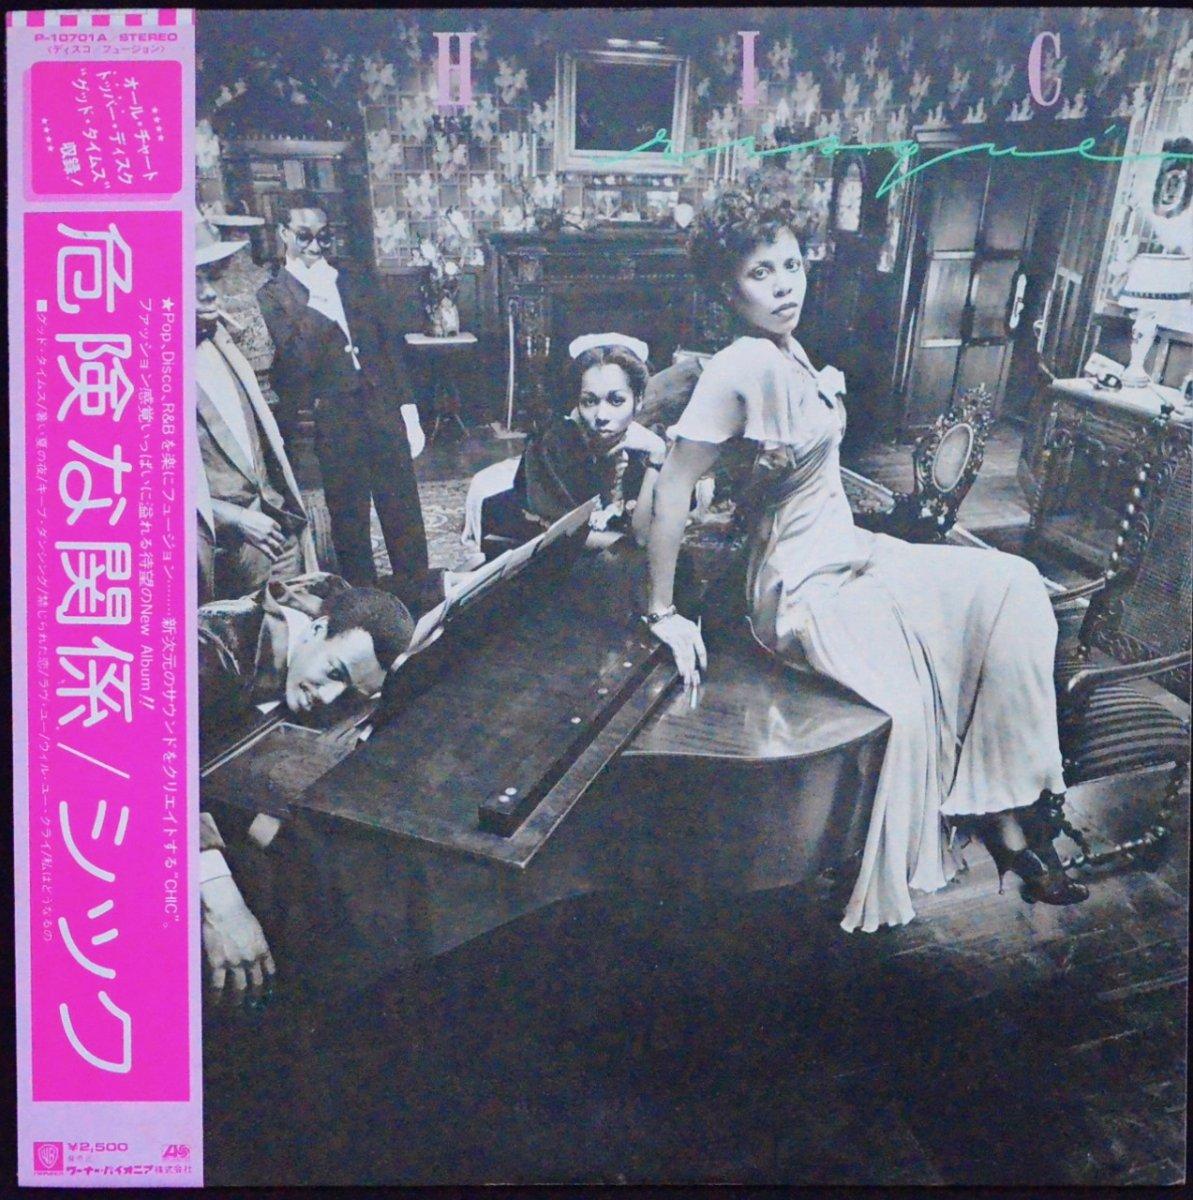 シック CHIC / 危険な関係 Risqué (LP)